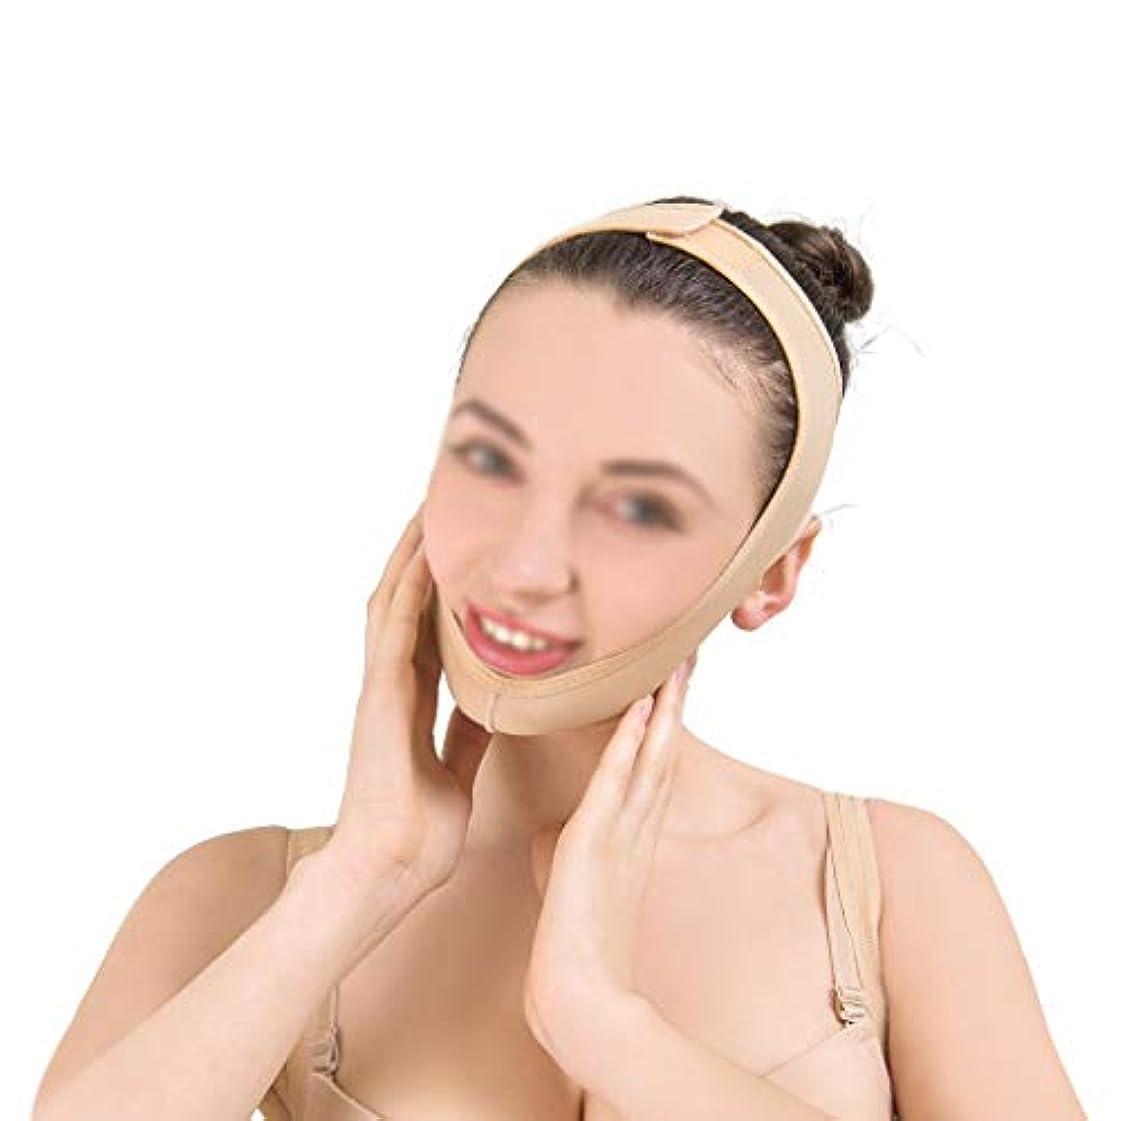 全滅させるメイエラ死ぬフェイスシェイピングベルト、肌の包帯の持ち上げと締め付け、フェイスベルトの持ち上げ、快適で通気性のあるフェイシャルリフティングマスク (Size : M)